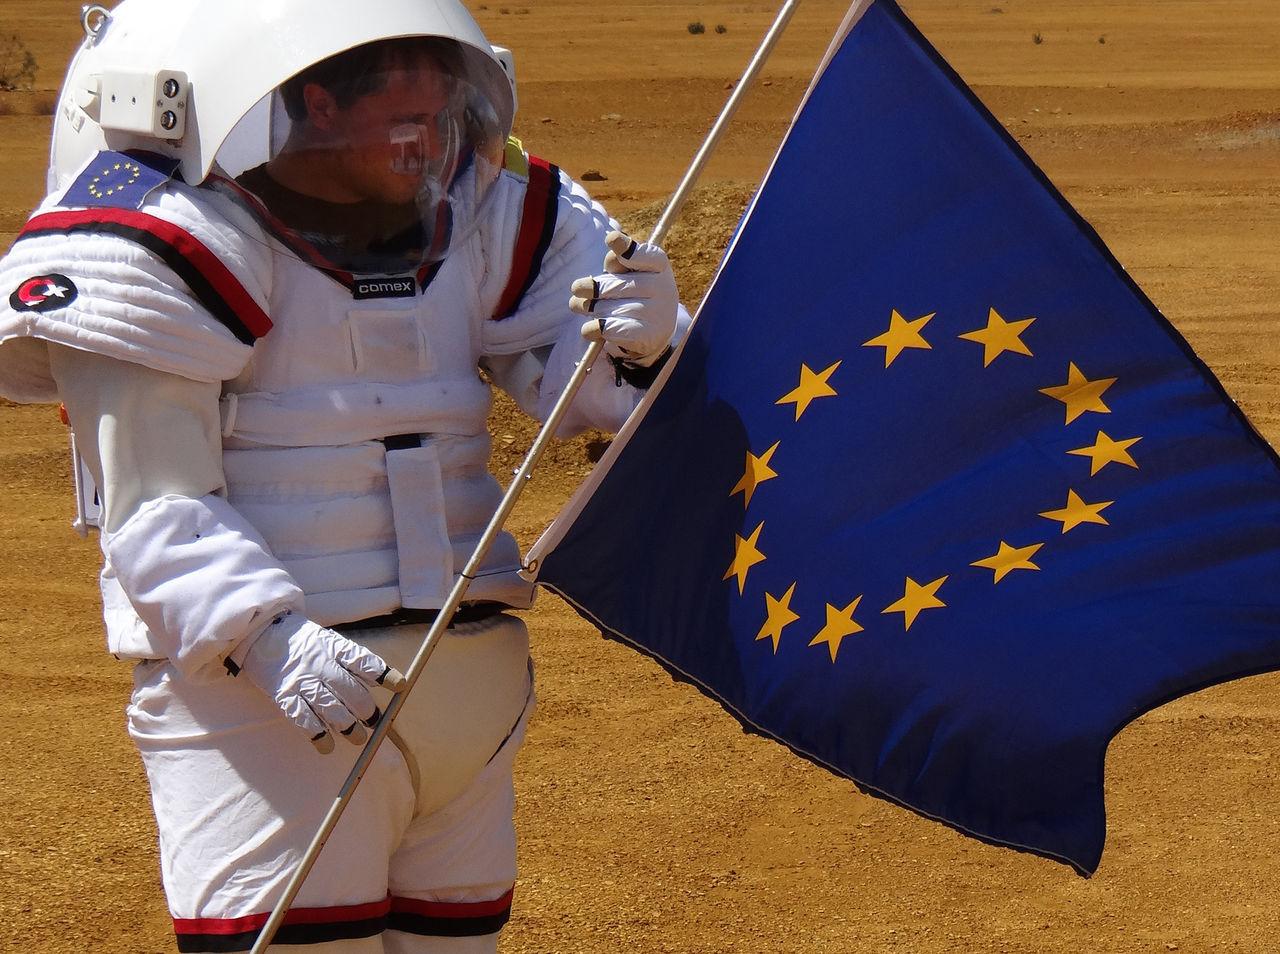 Över 22.000 har ansökt om att bli ESA:s nästa astronauter